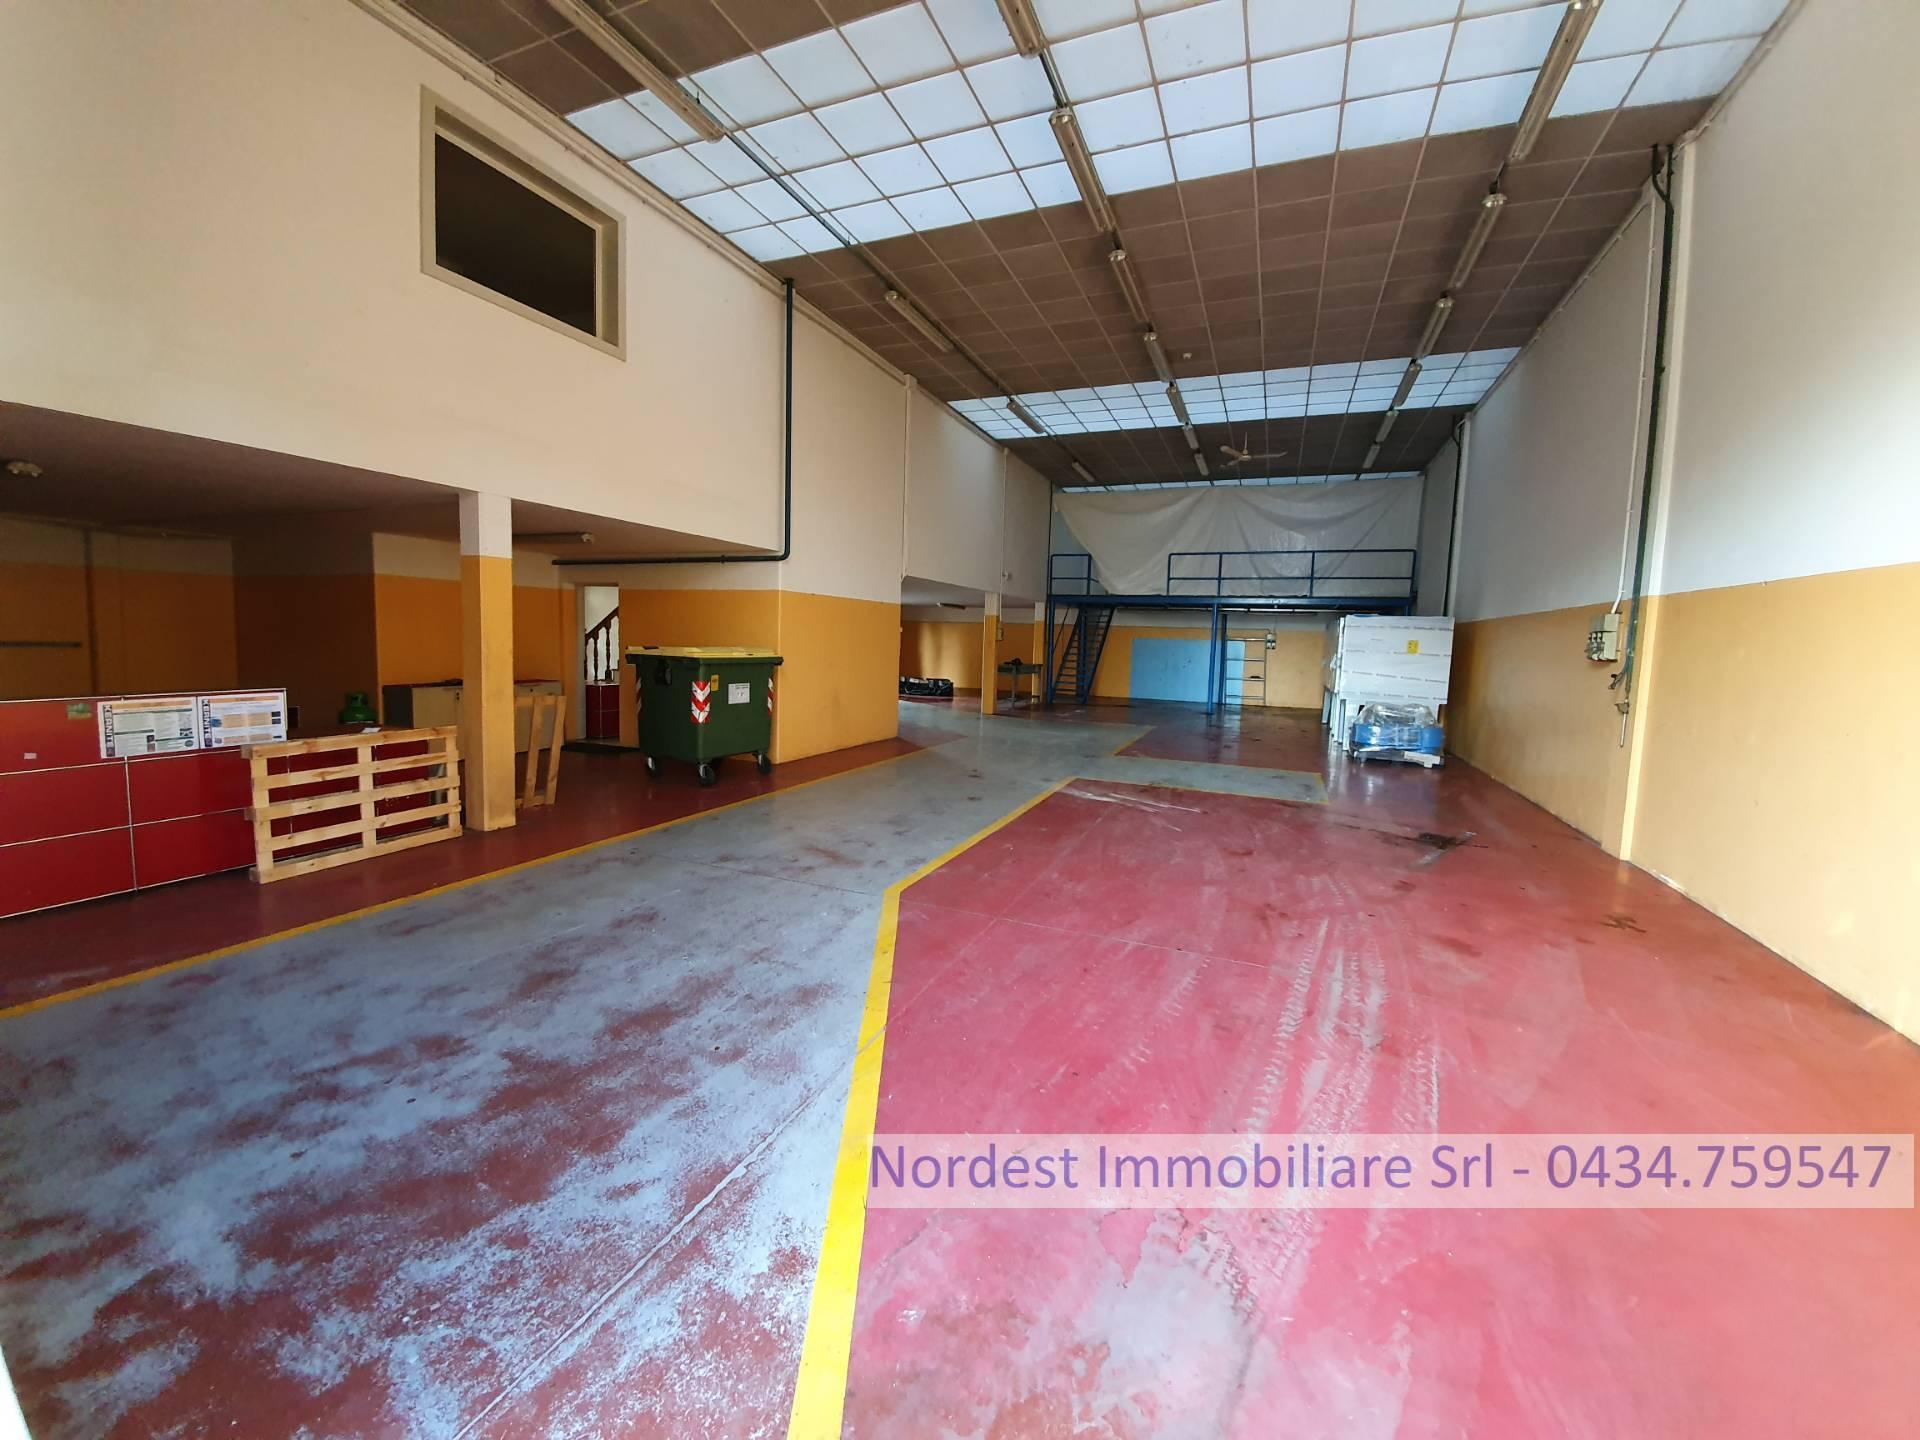 Capannone in vendita a Brugnera, 9999 locali, Trattative riservate | CambioCasa.it